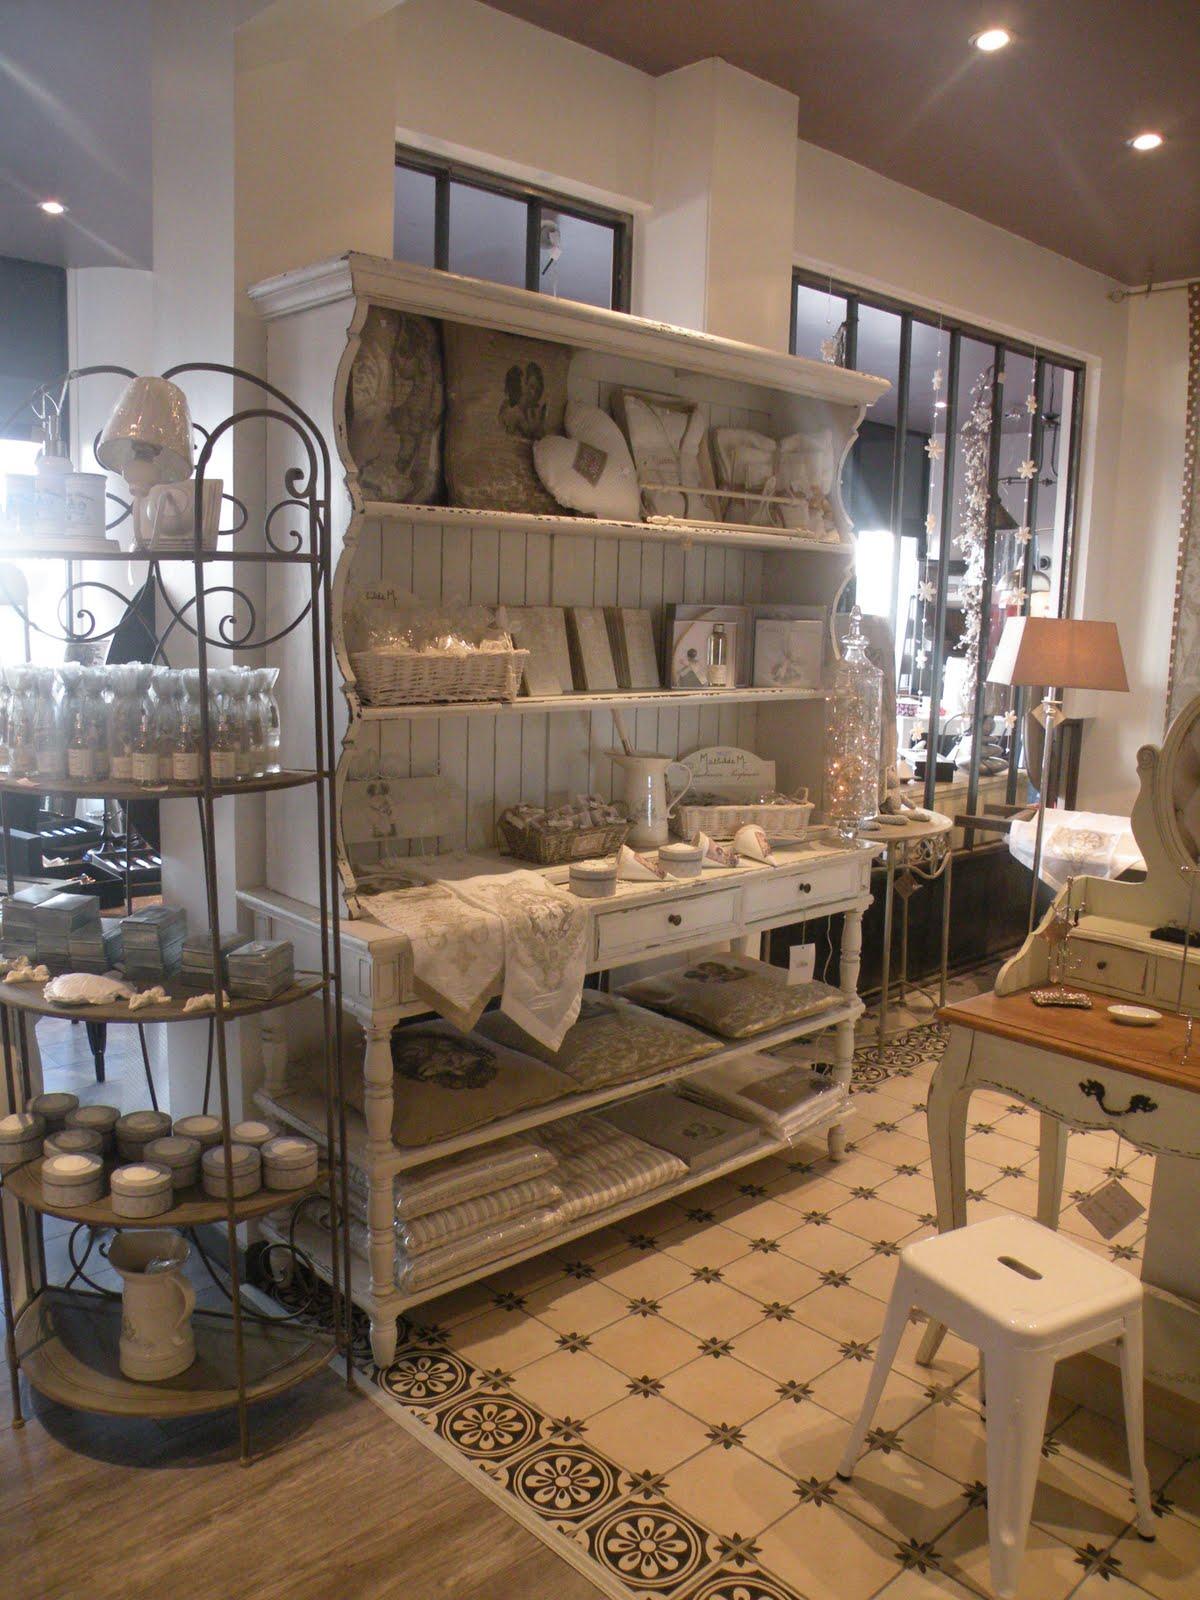 L 39 atelier des f es nouvel espace mathilde m senteurs for Mathilde m meubles